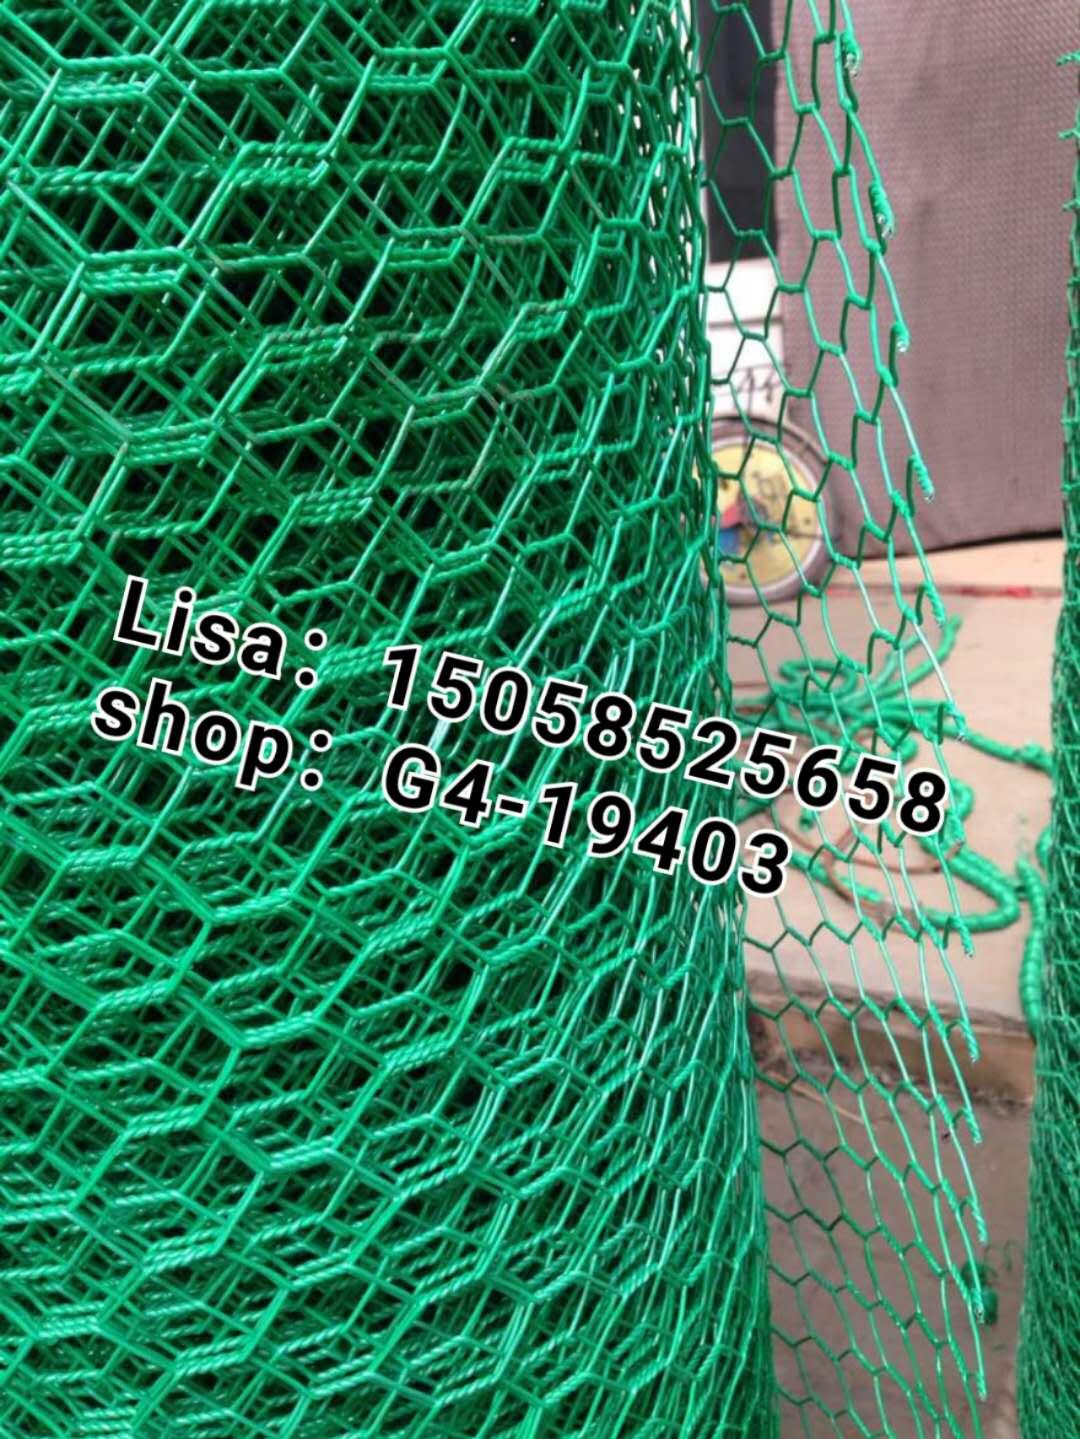 供应浸绿色六角网 六角网 鸡笼网 鸡网 电焊网拧花网镀锌铁丝网